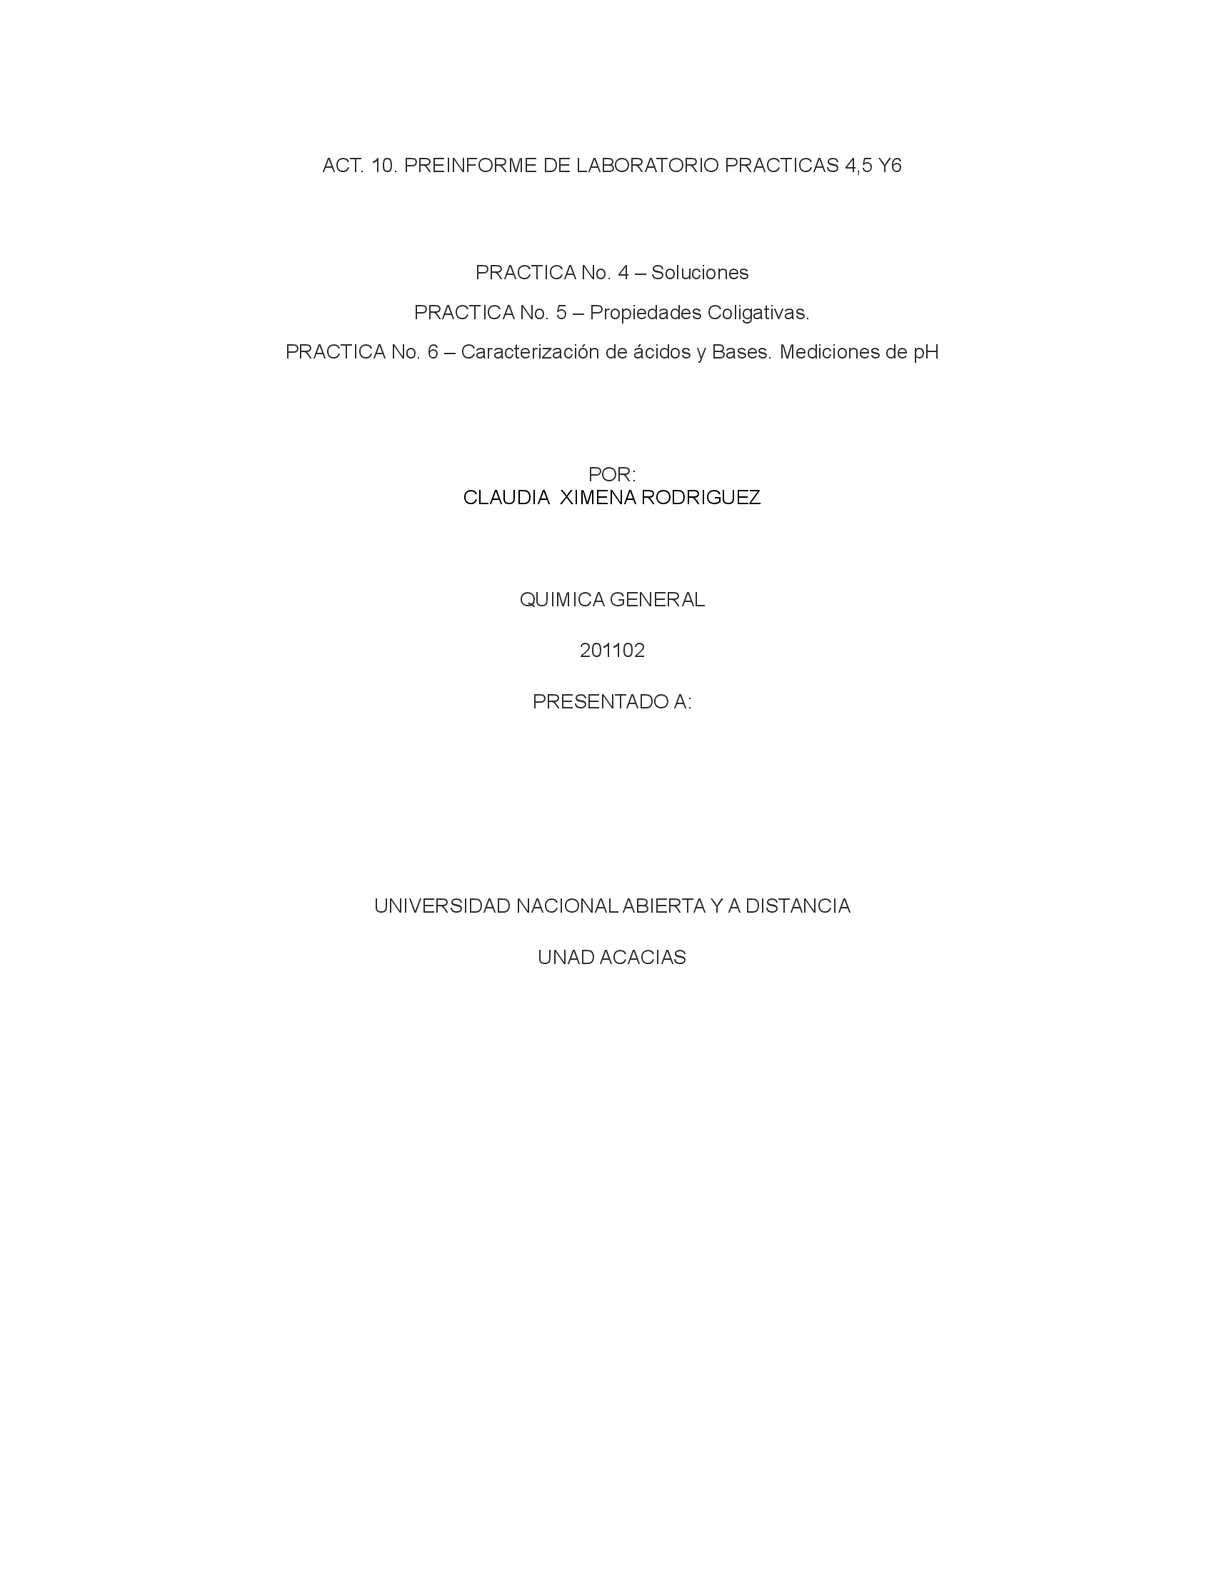 trabajo colaborativo química preinf.4-5-6